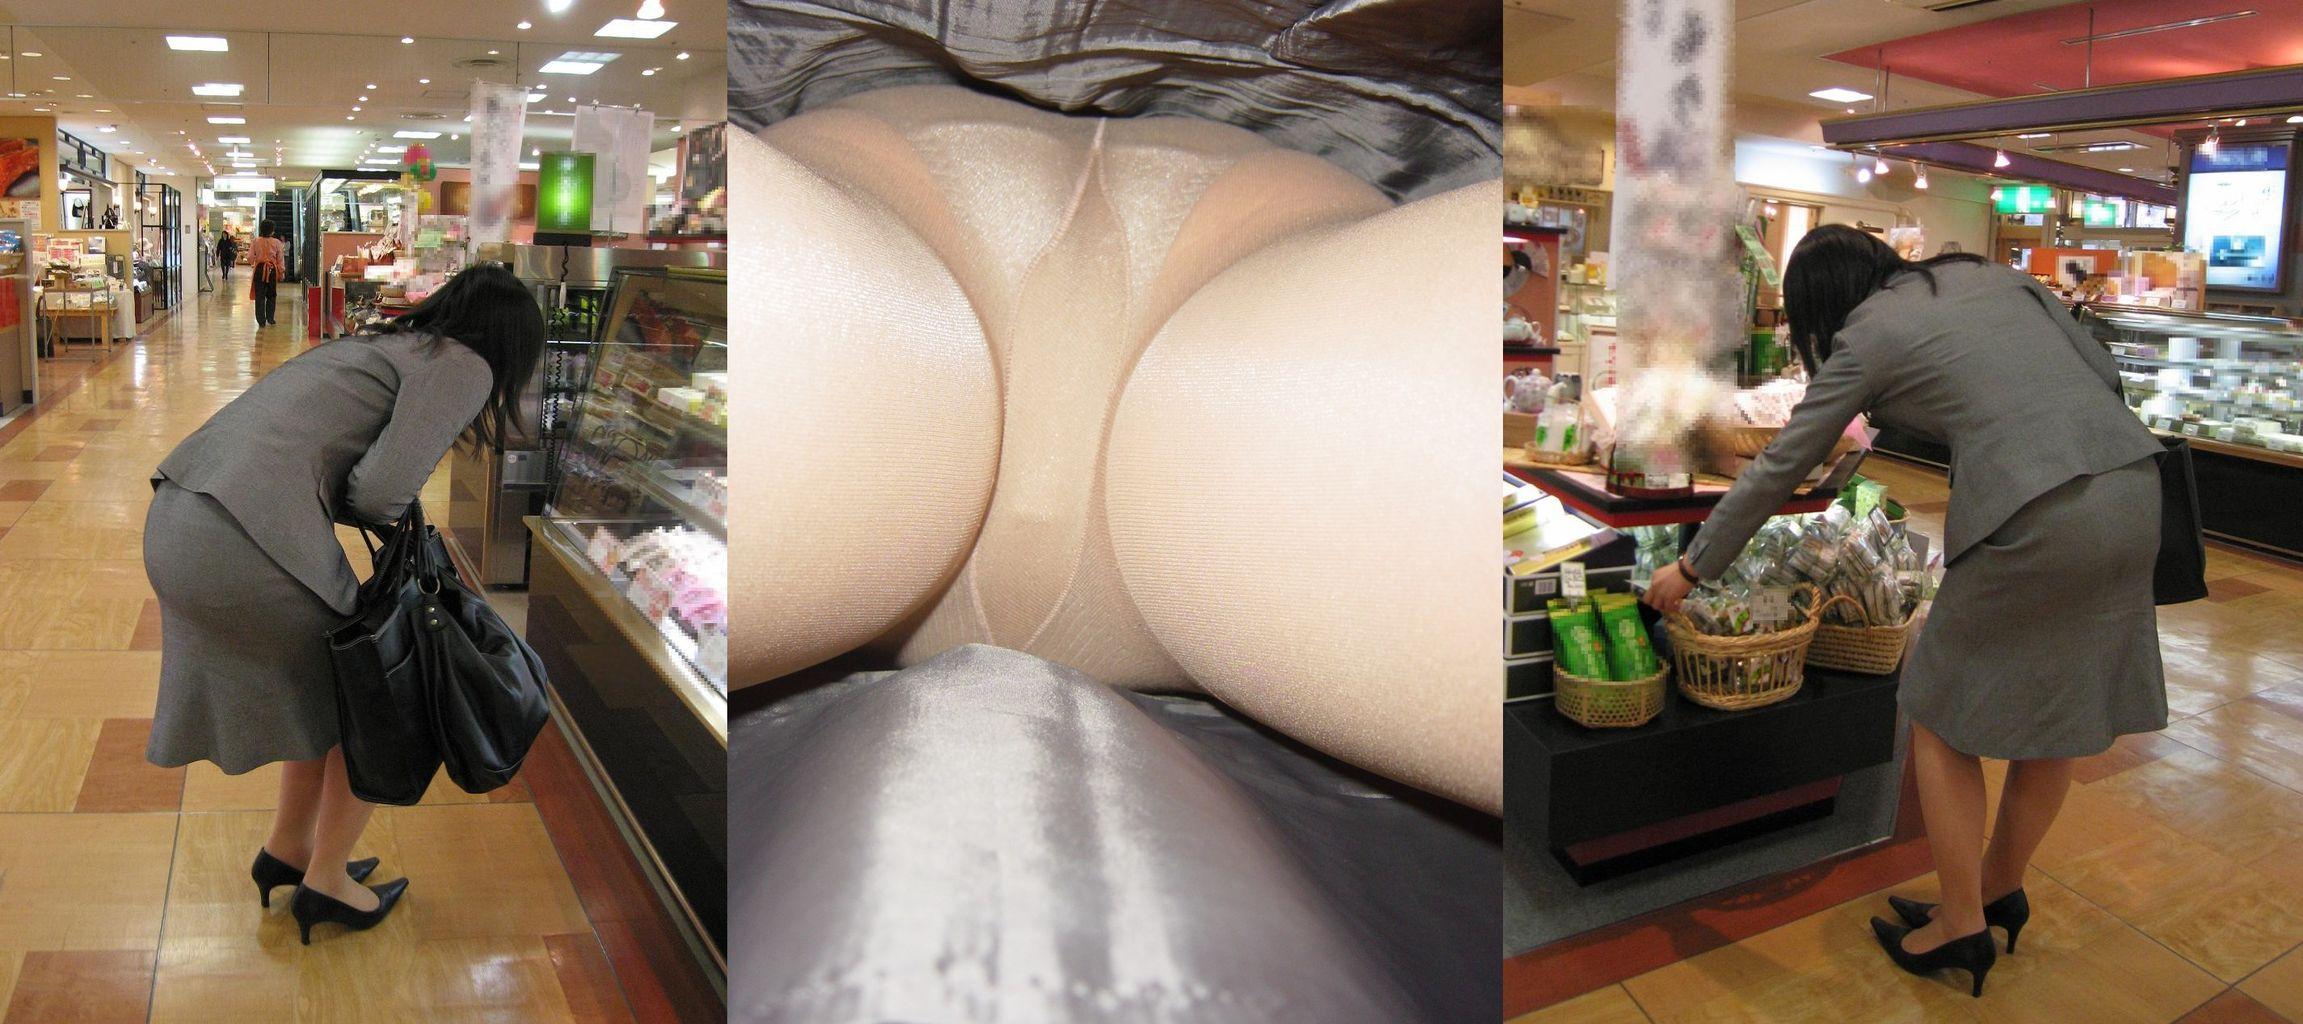 素人OLの隠しきれない巨乳と逆さパンチラ盗撮のエロ画像8枚目